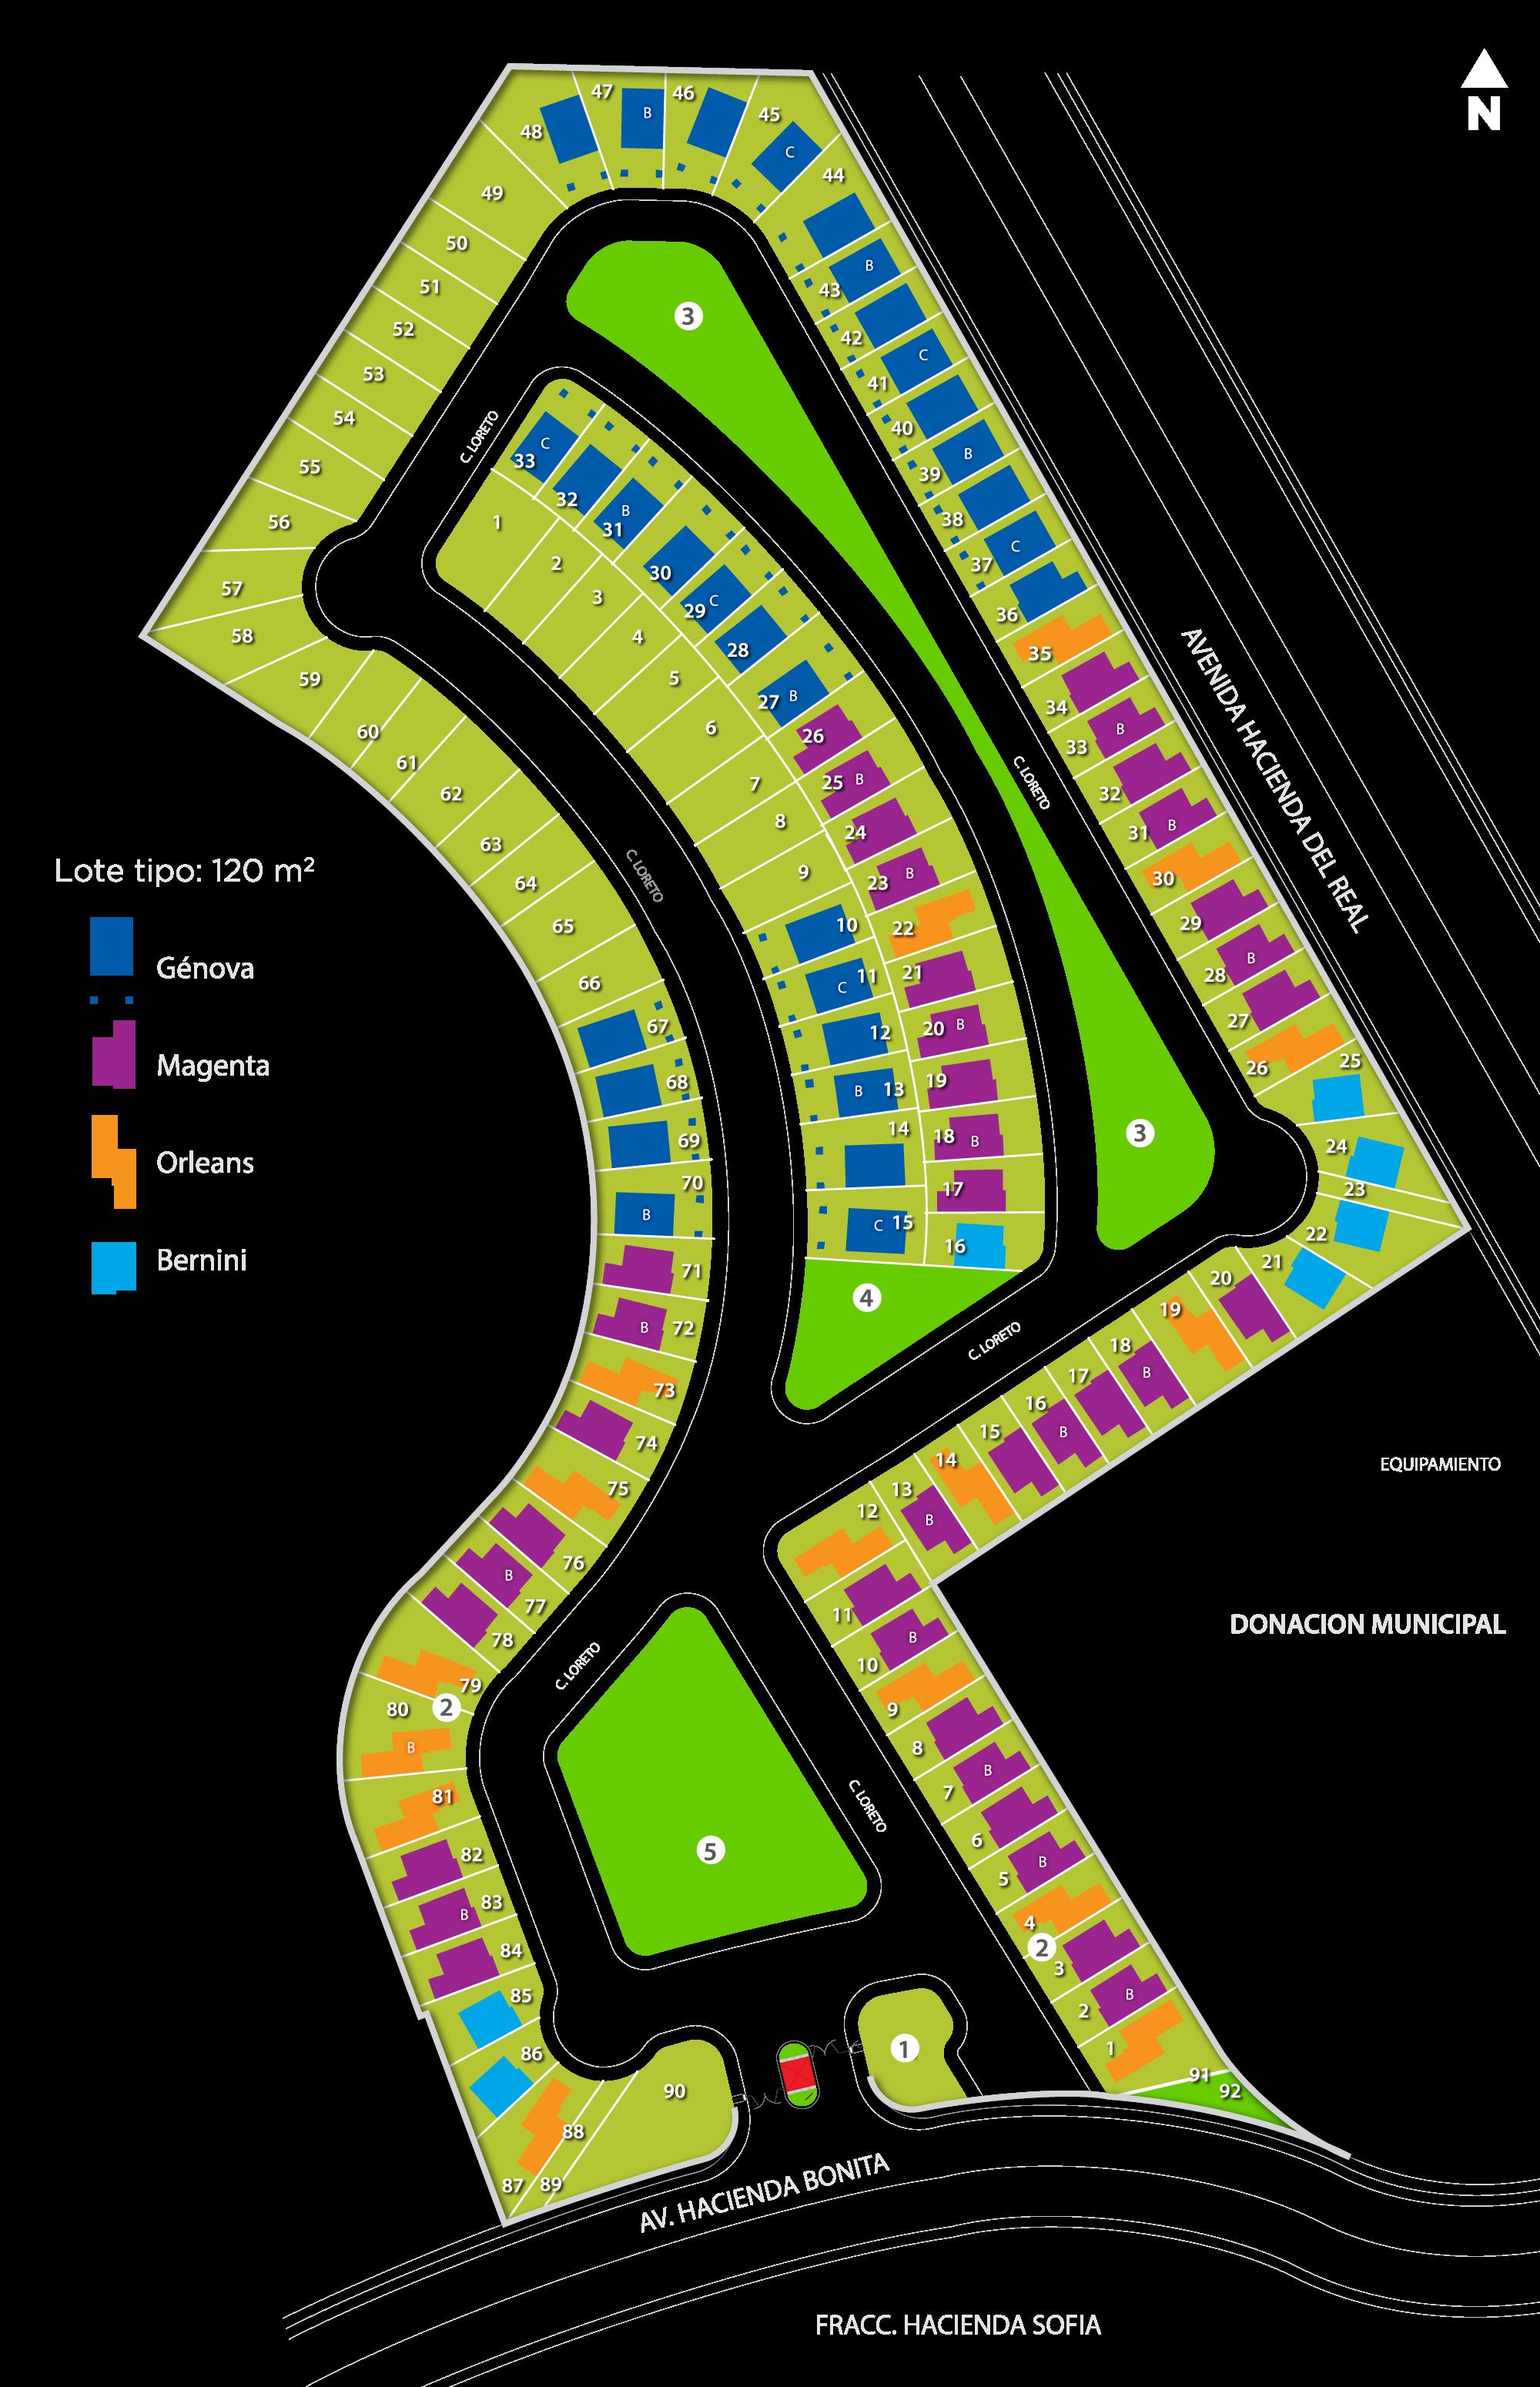 lotificacion-villa-napoles-ii-2